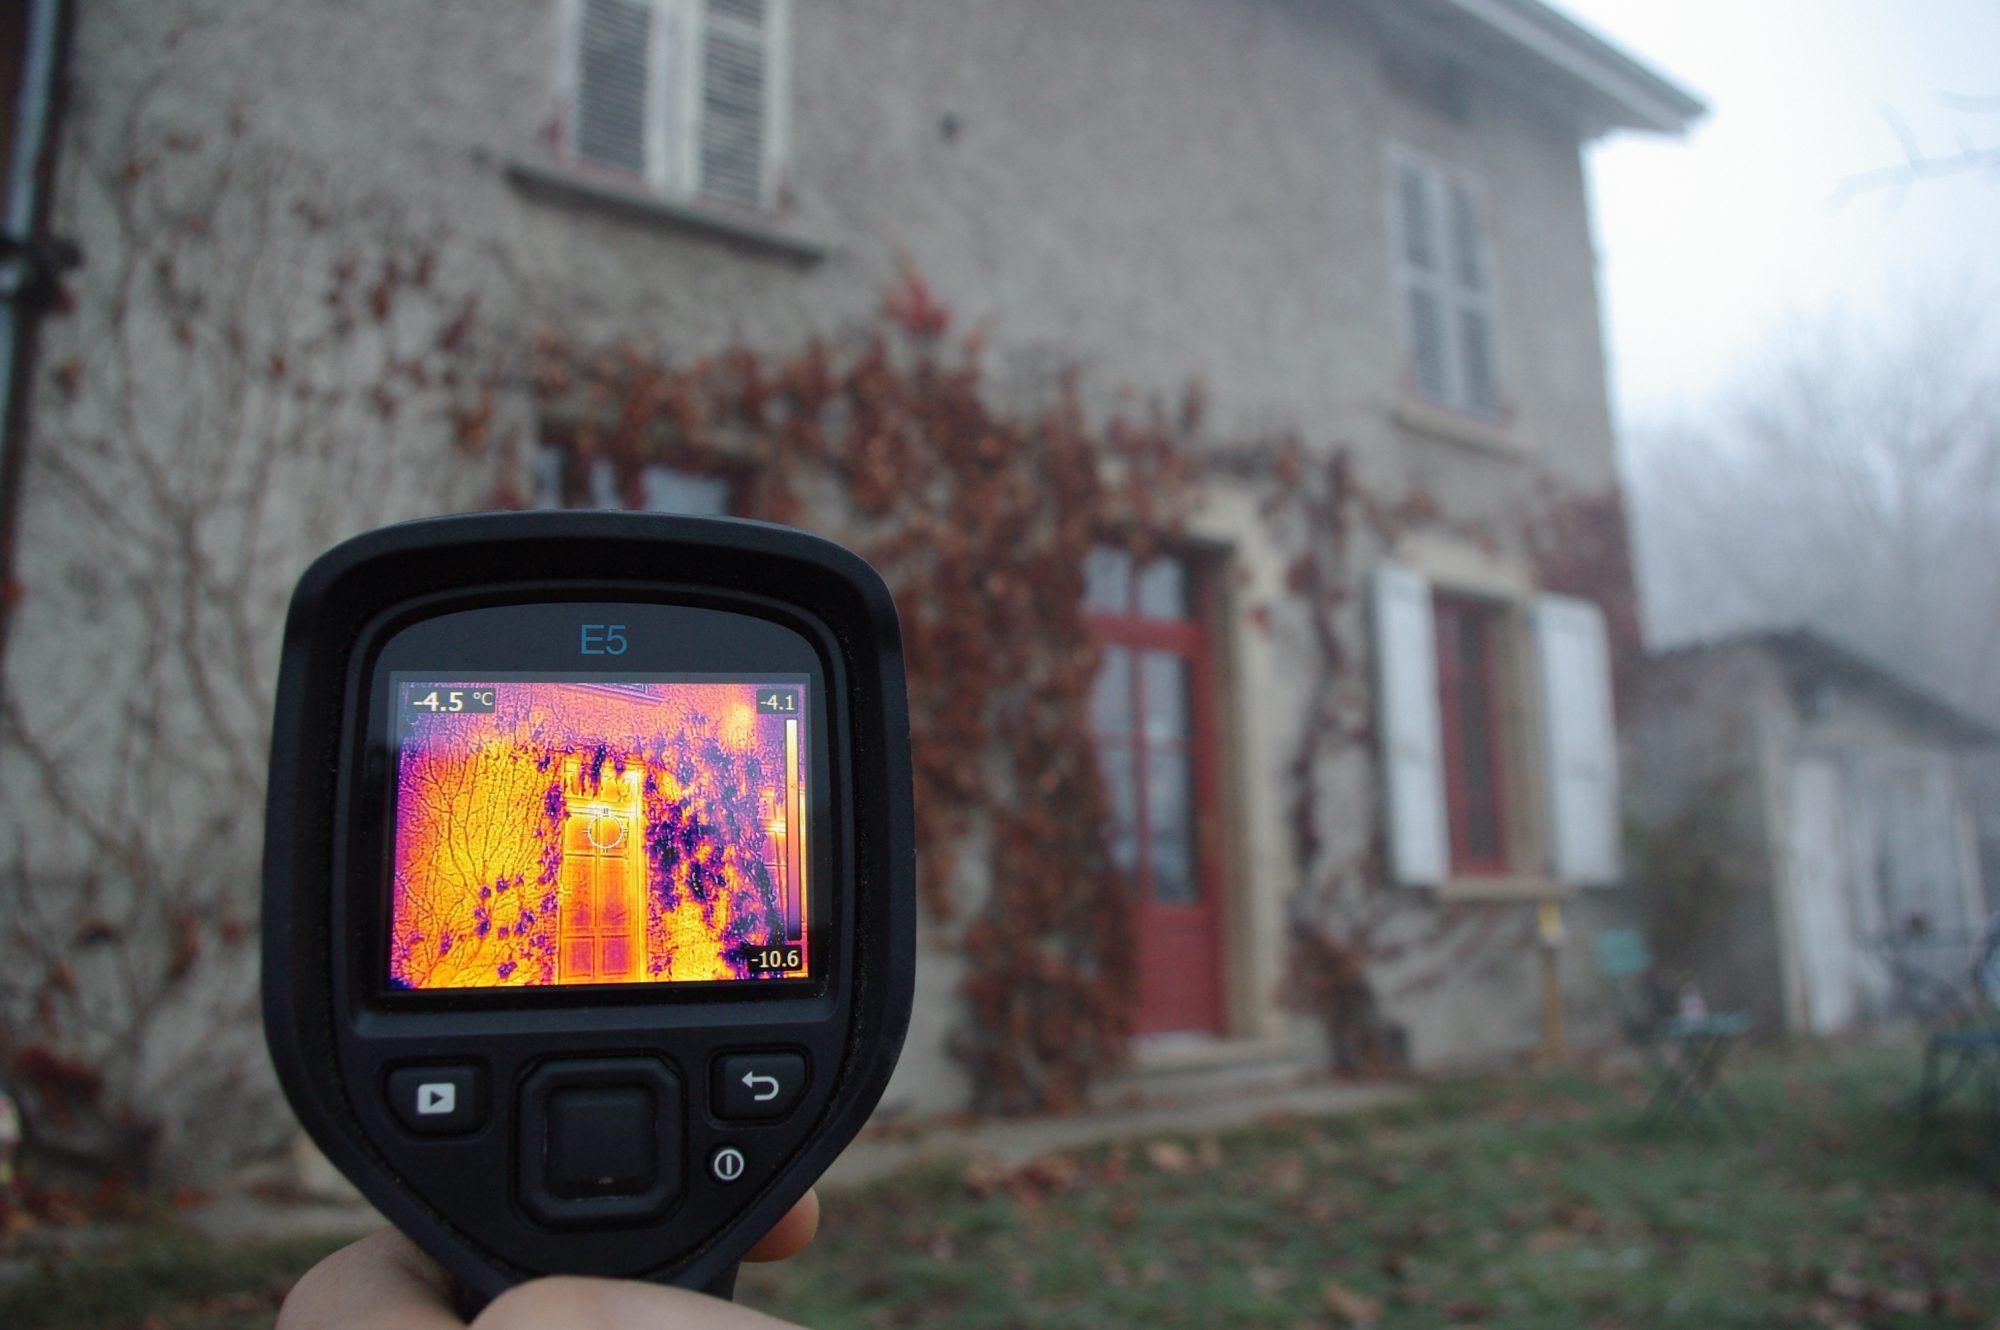 Soirée thermographique à Bourg d'Oisans